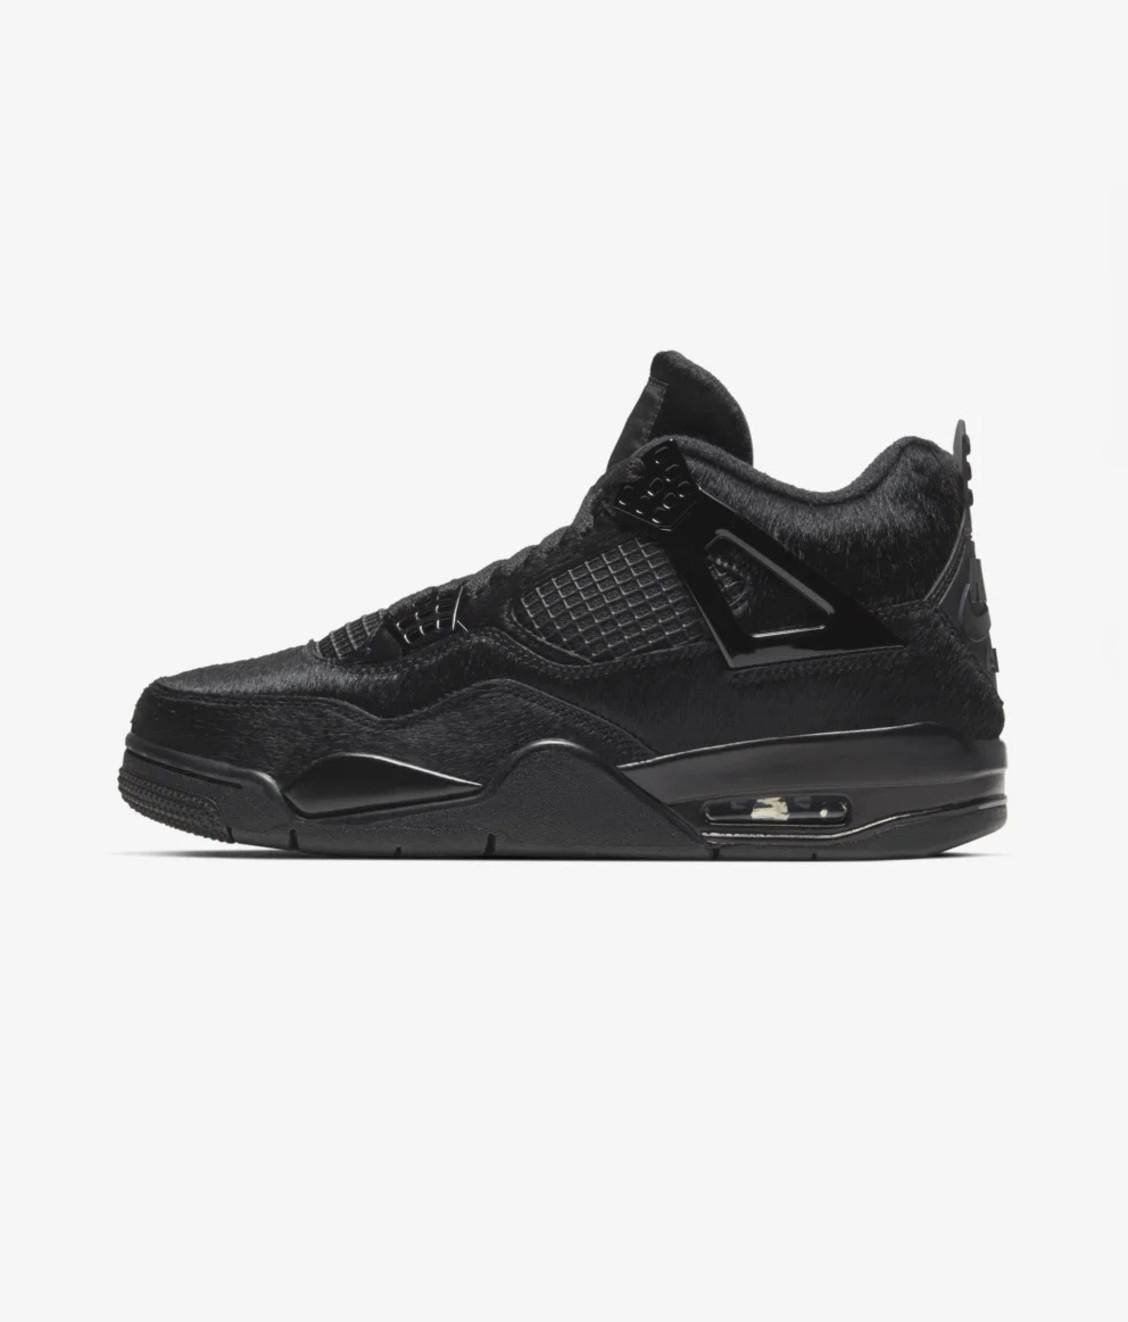 Nike Air Jordan IV X Olivia Kim Black Cat Ponyhair